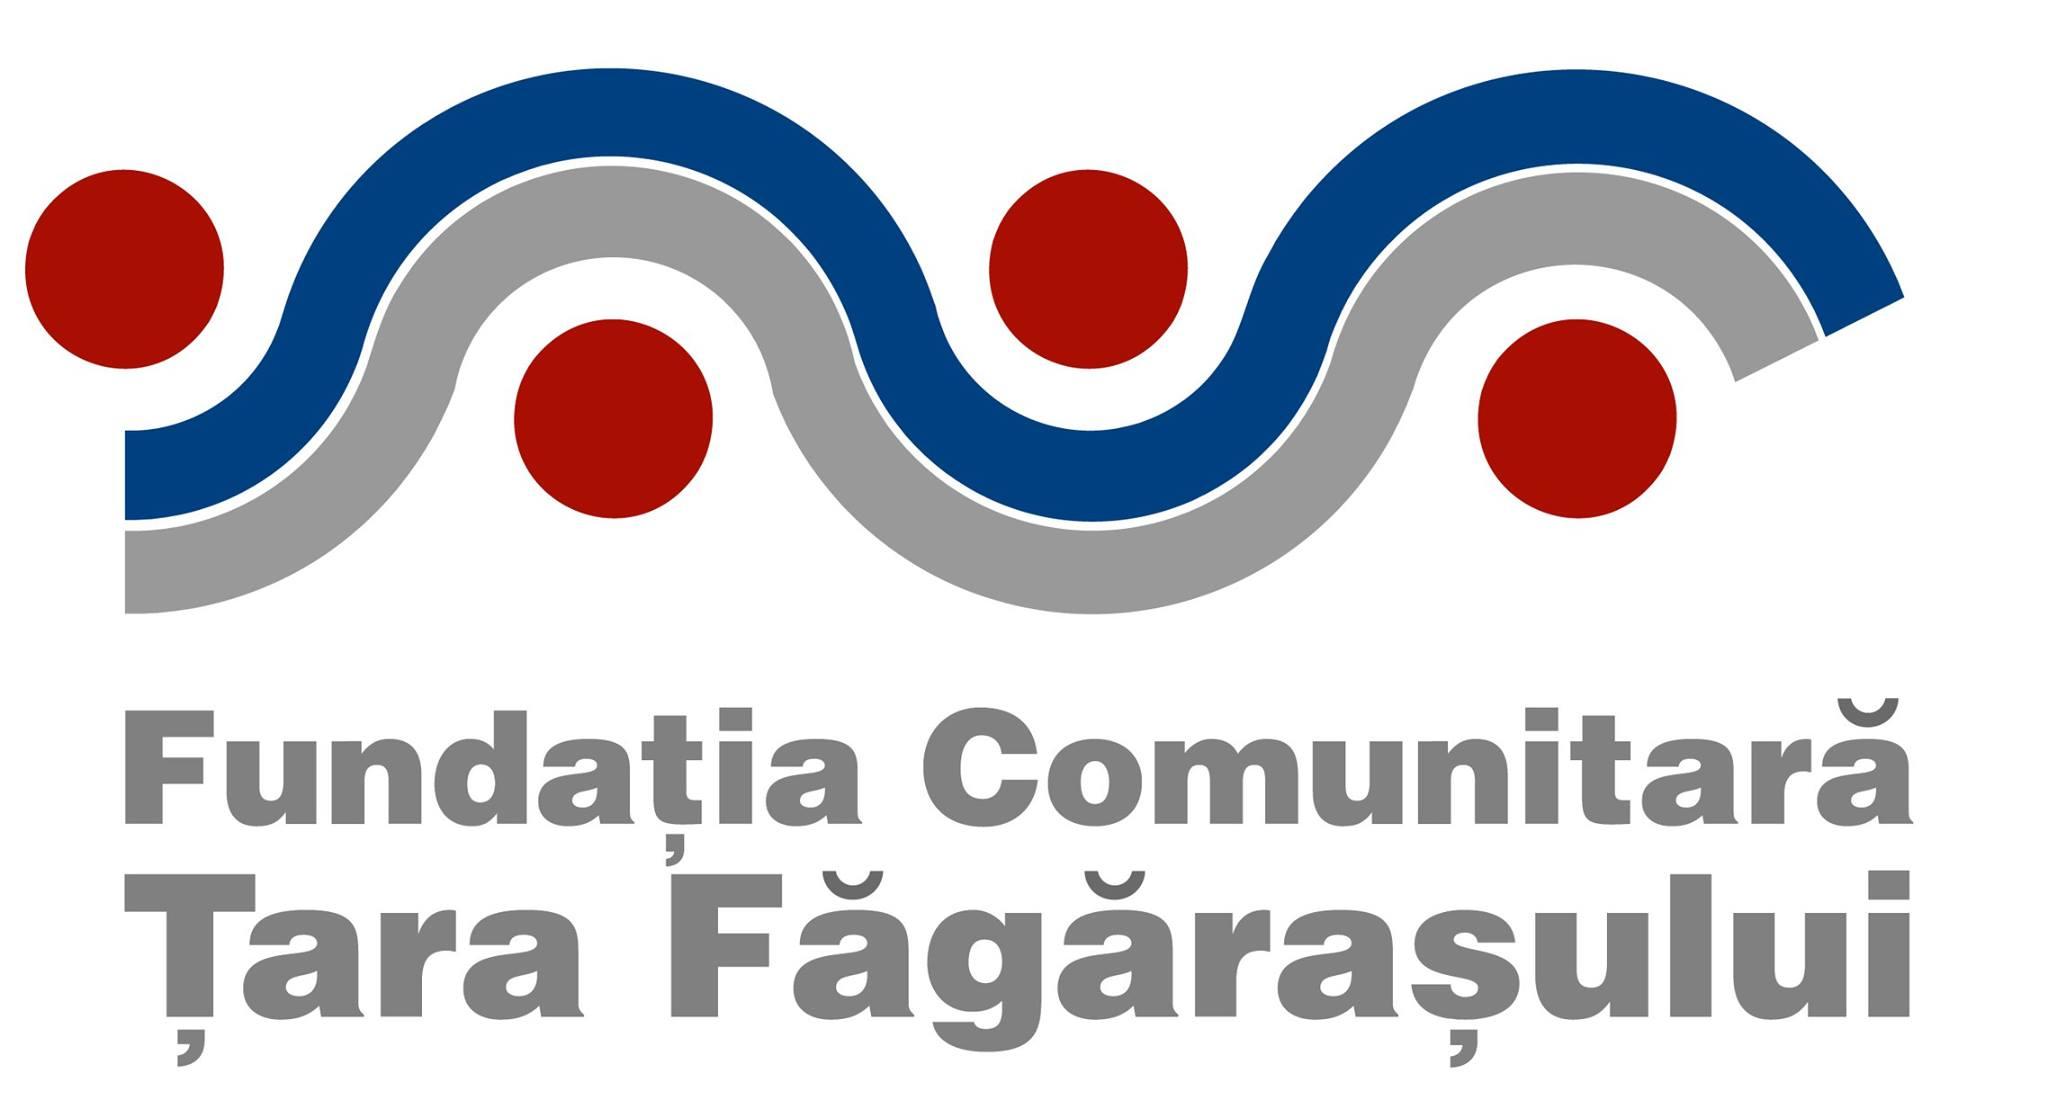 Direcționează 3,5% din impozit pentru susţinerea activității Fundaţiei Comunitare Ţara Făgăraşului